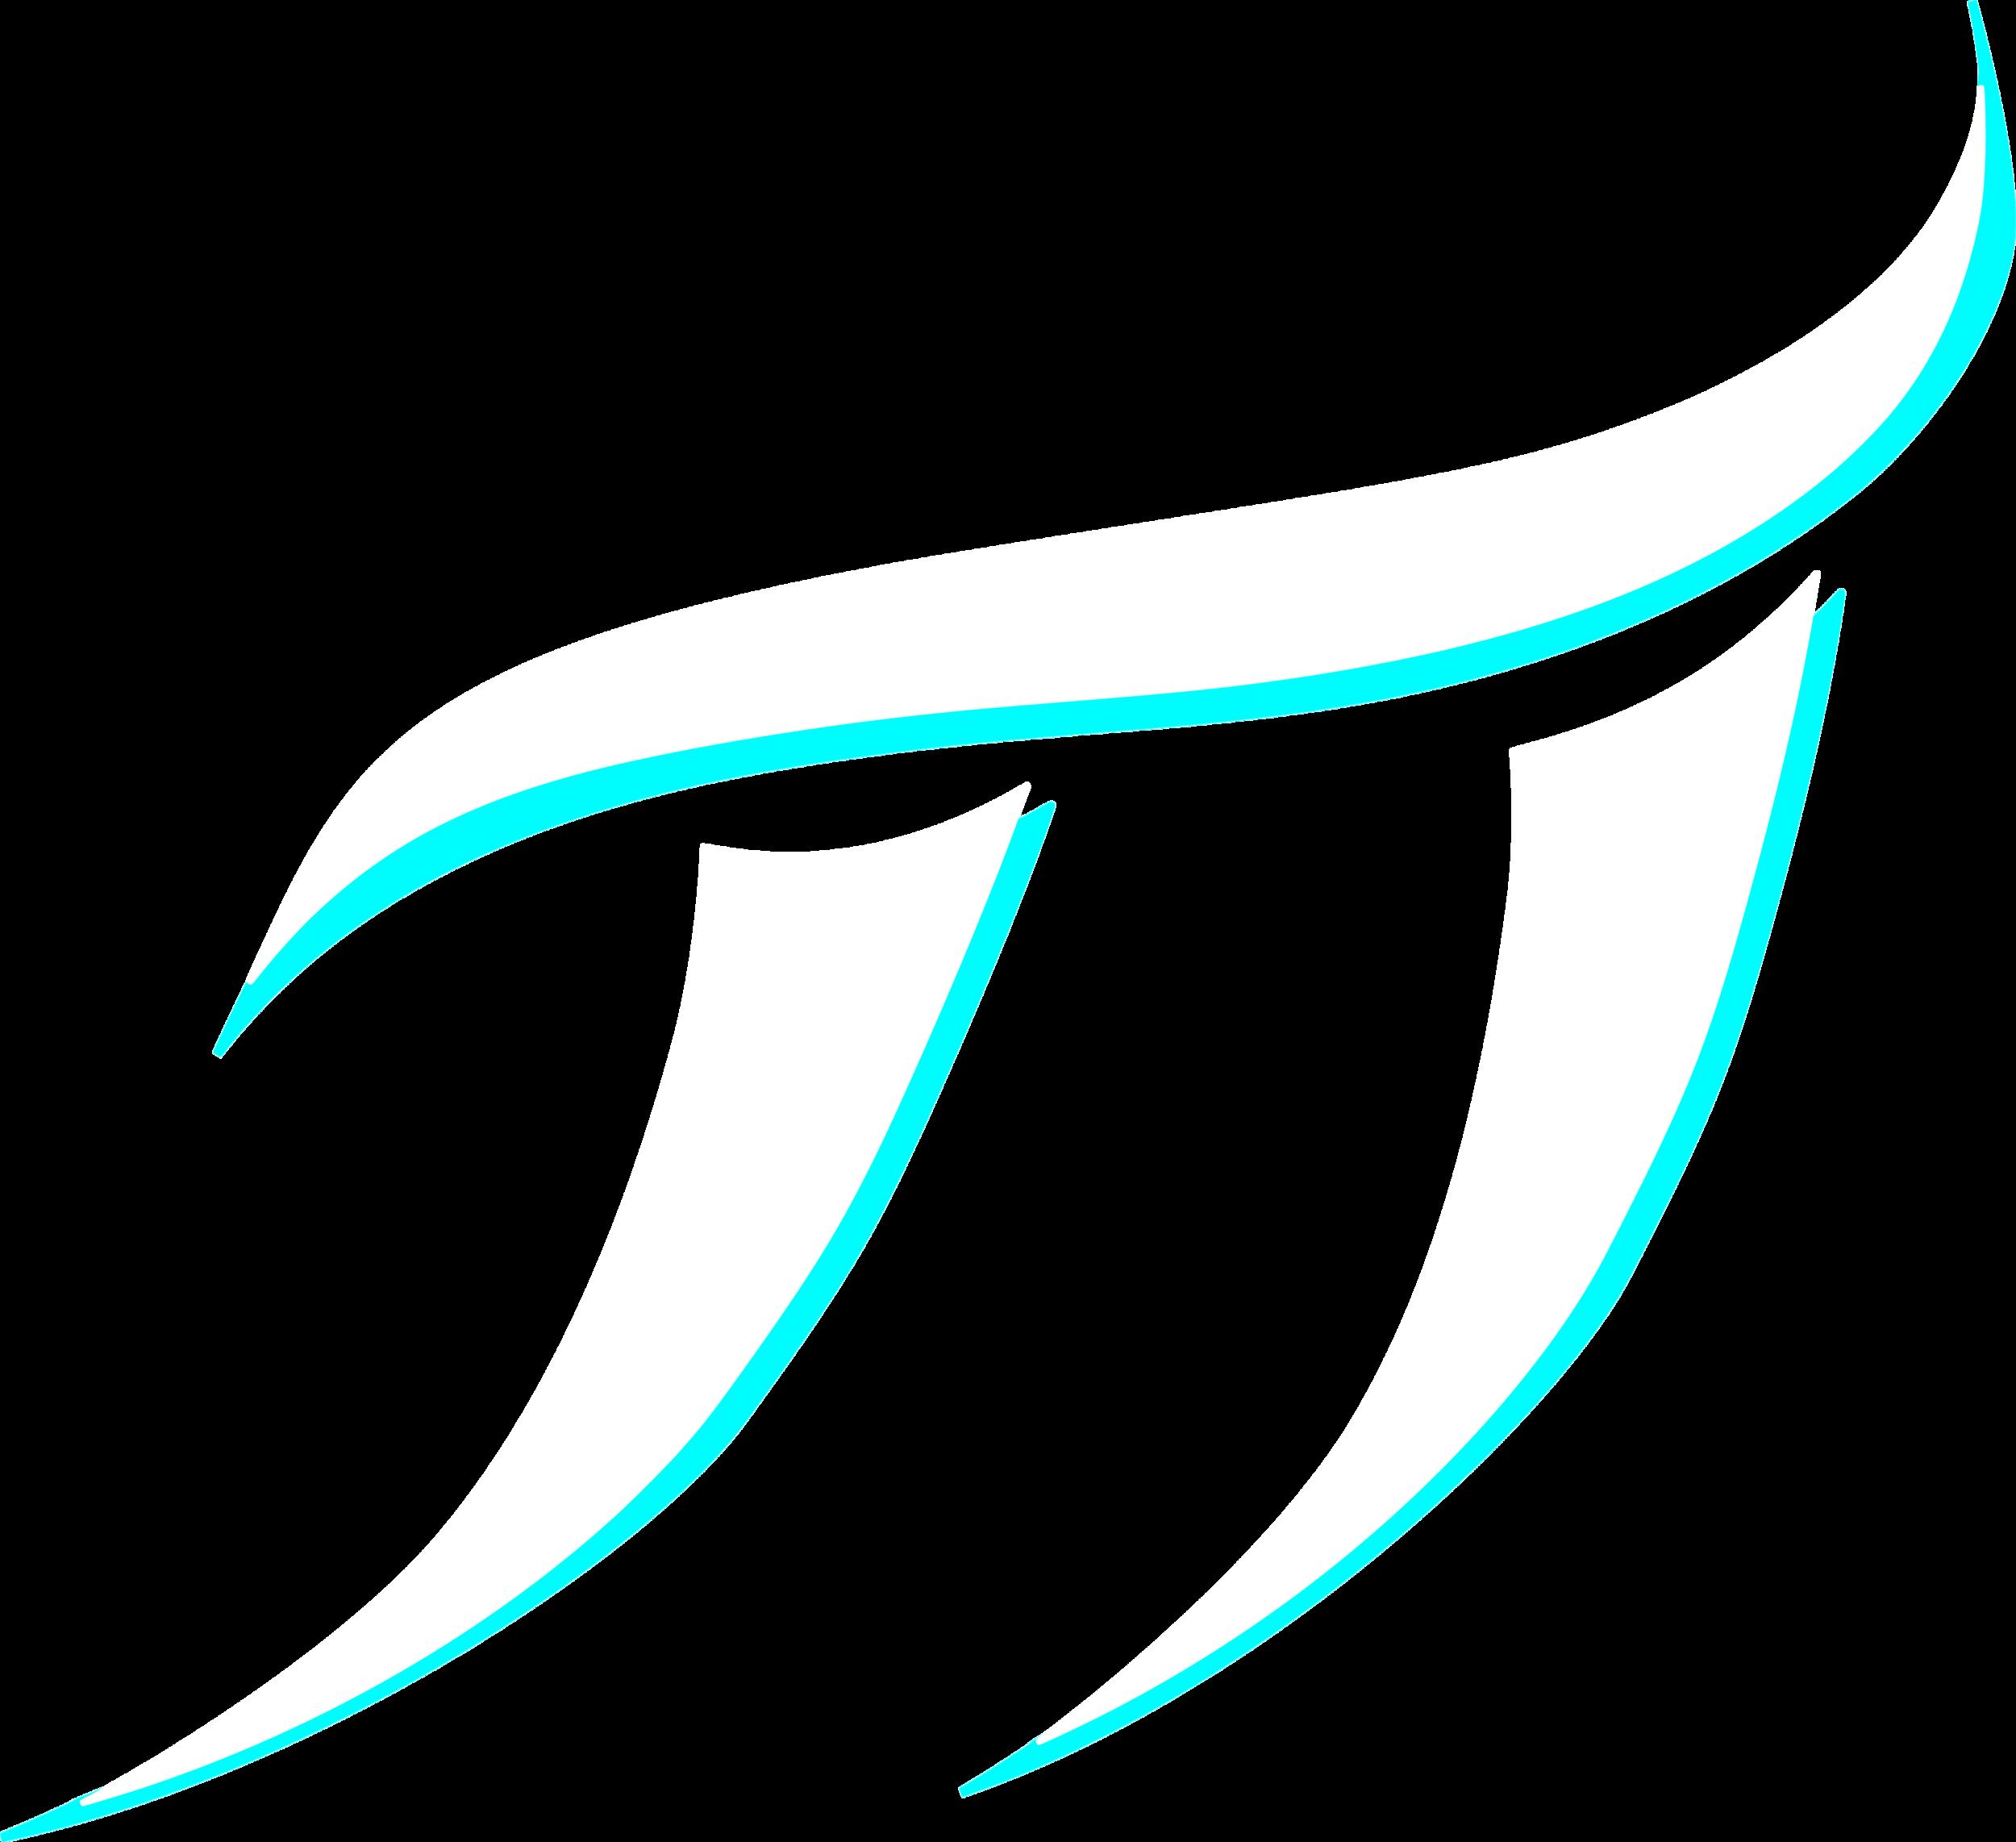 TI_Logo002 white teal 4098.png